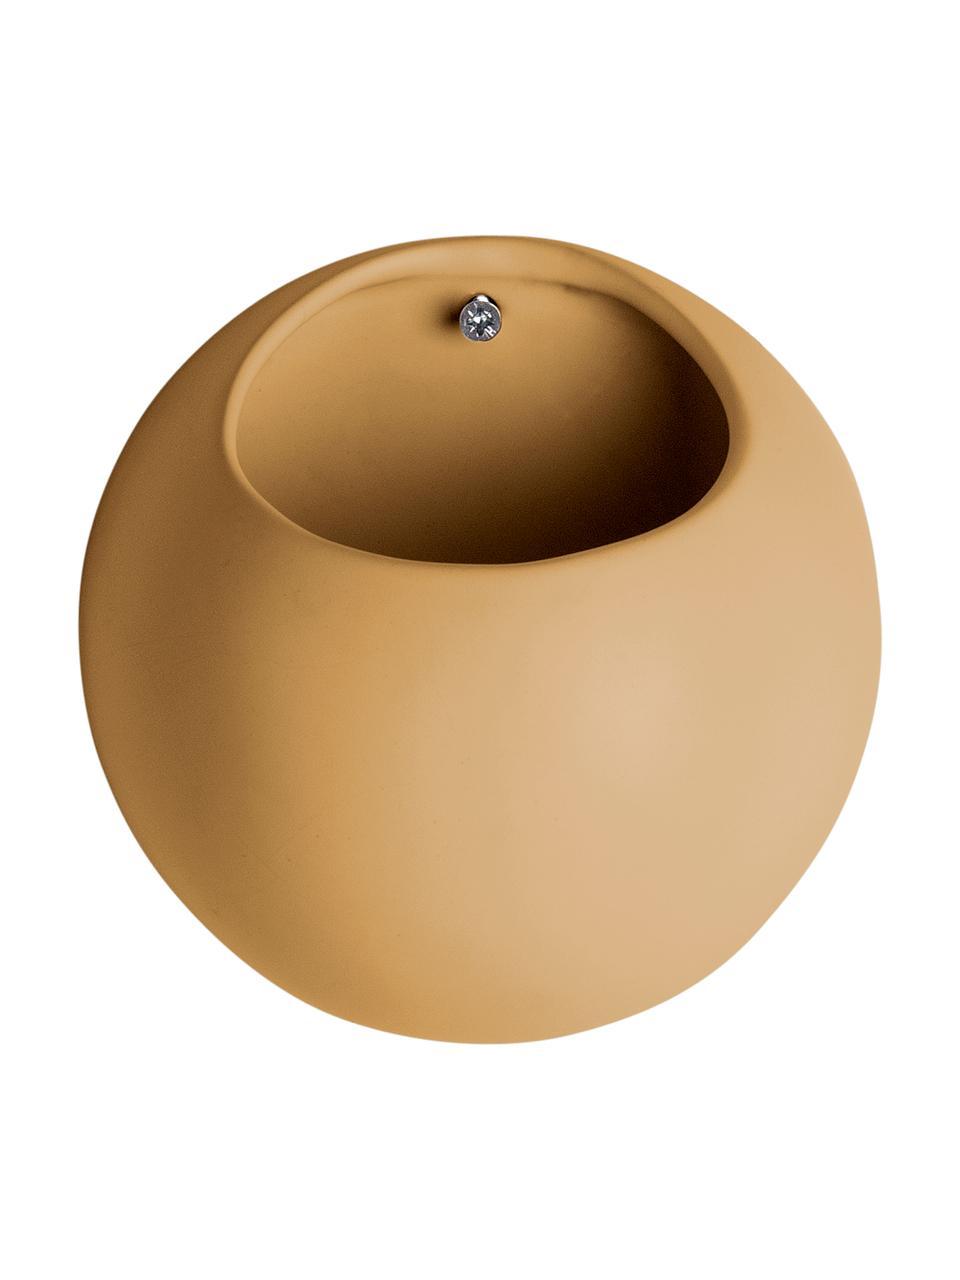 Macetero de pared pequeño de cerámica Globe, Cerámica, Amarillo, Ø 15 x Al 10 cm